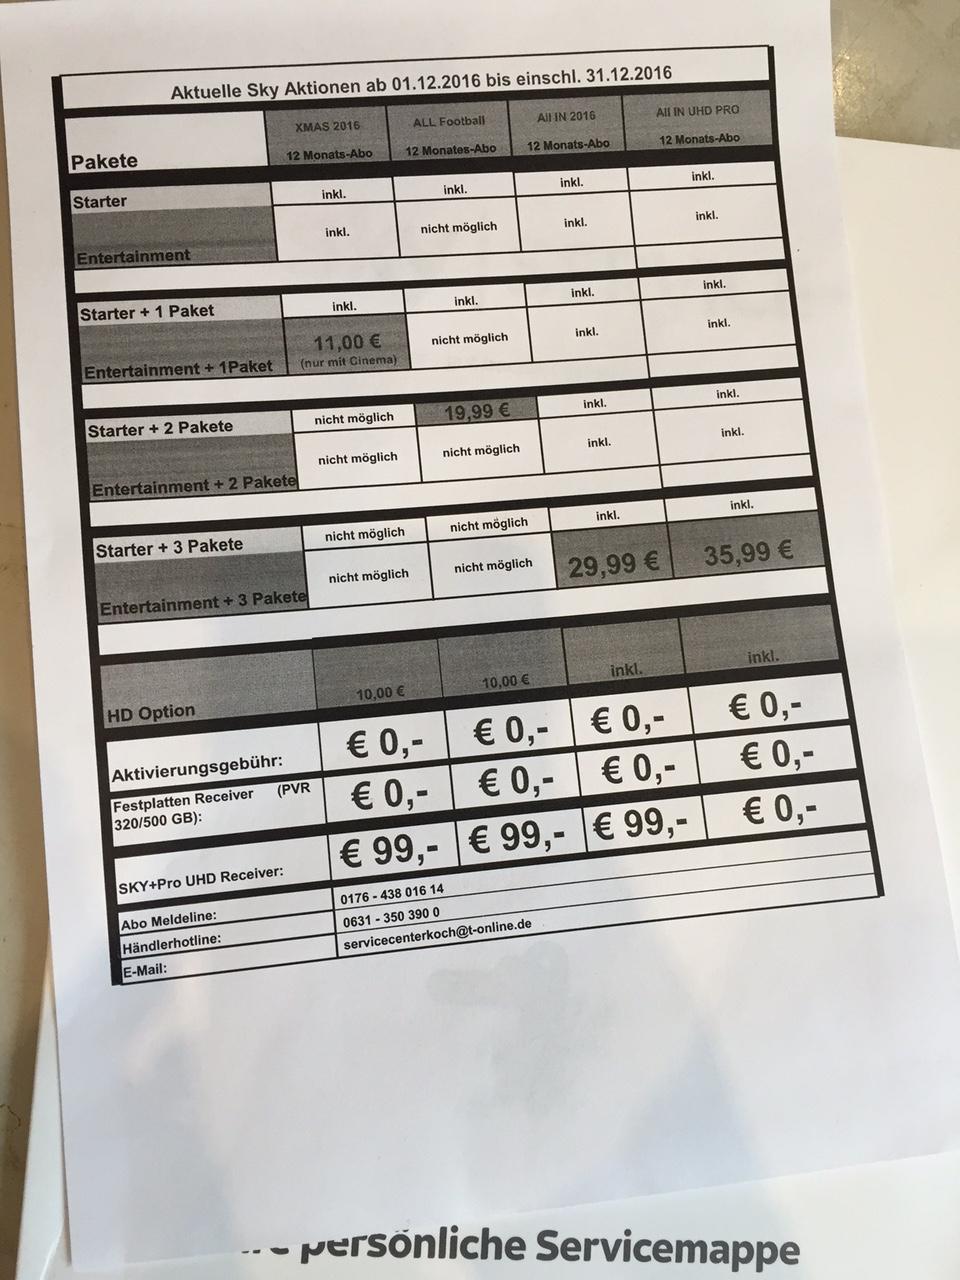 Sky All in für 29,99€ inkl. HD ohne Aktivierungkosten